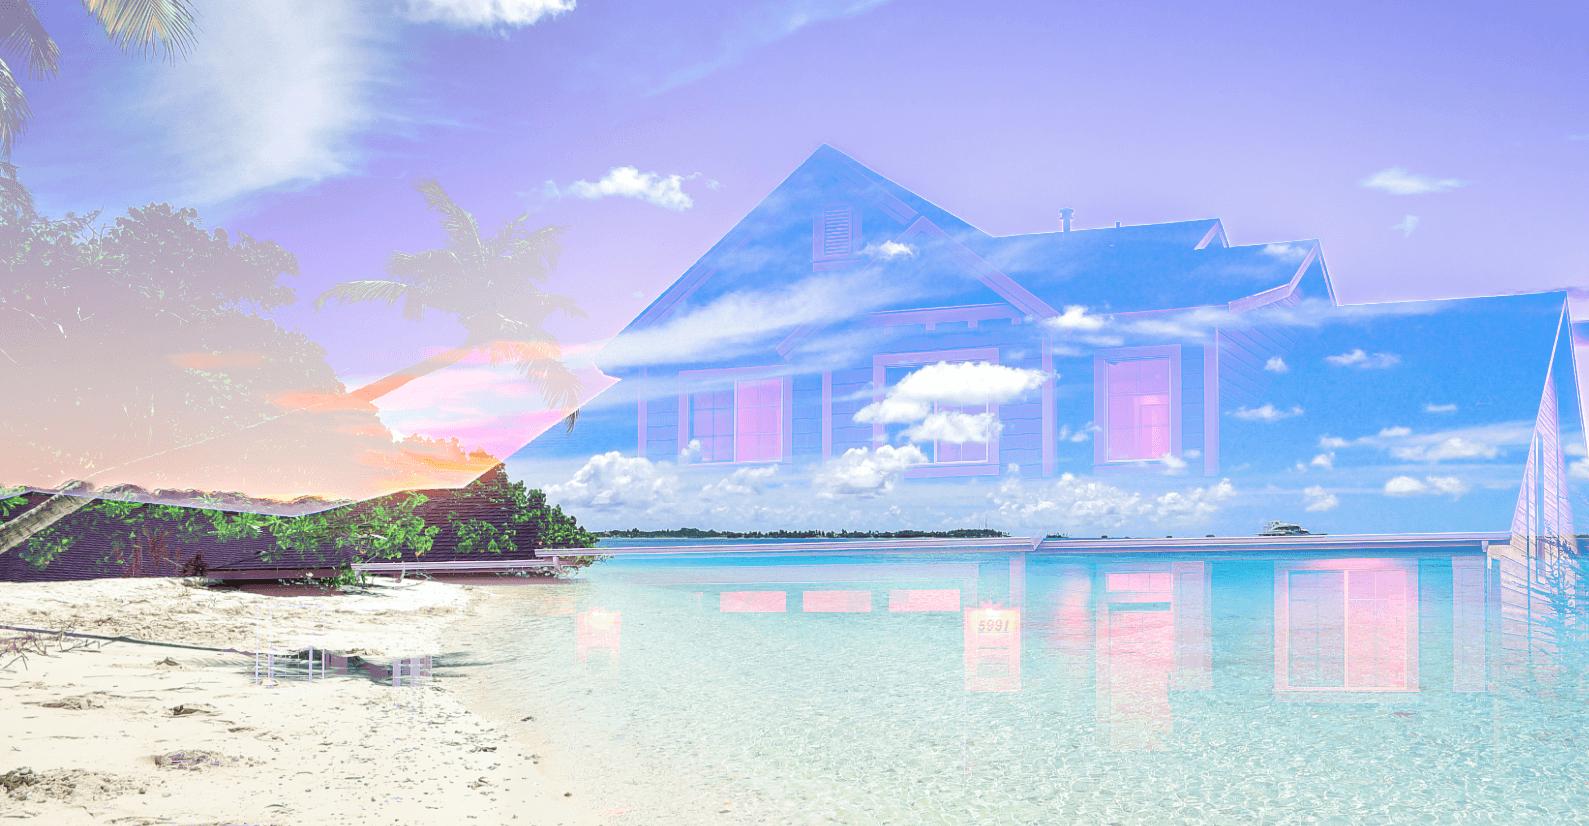 blend_images